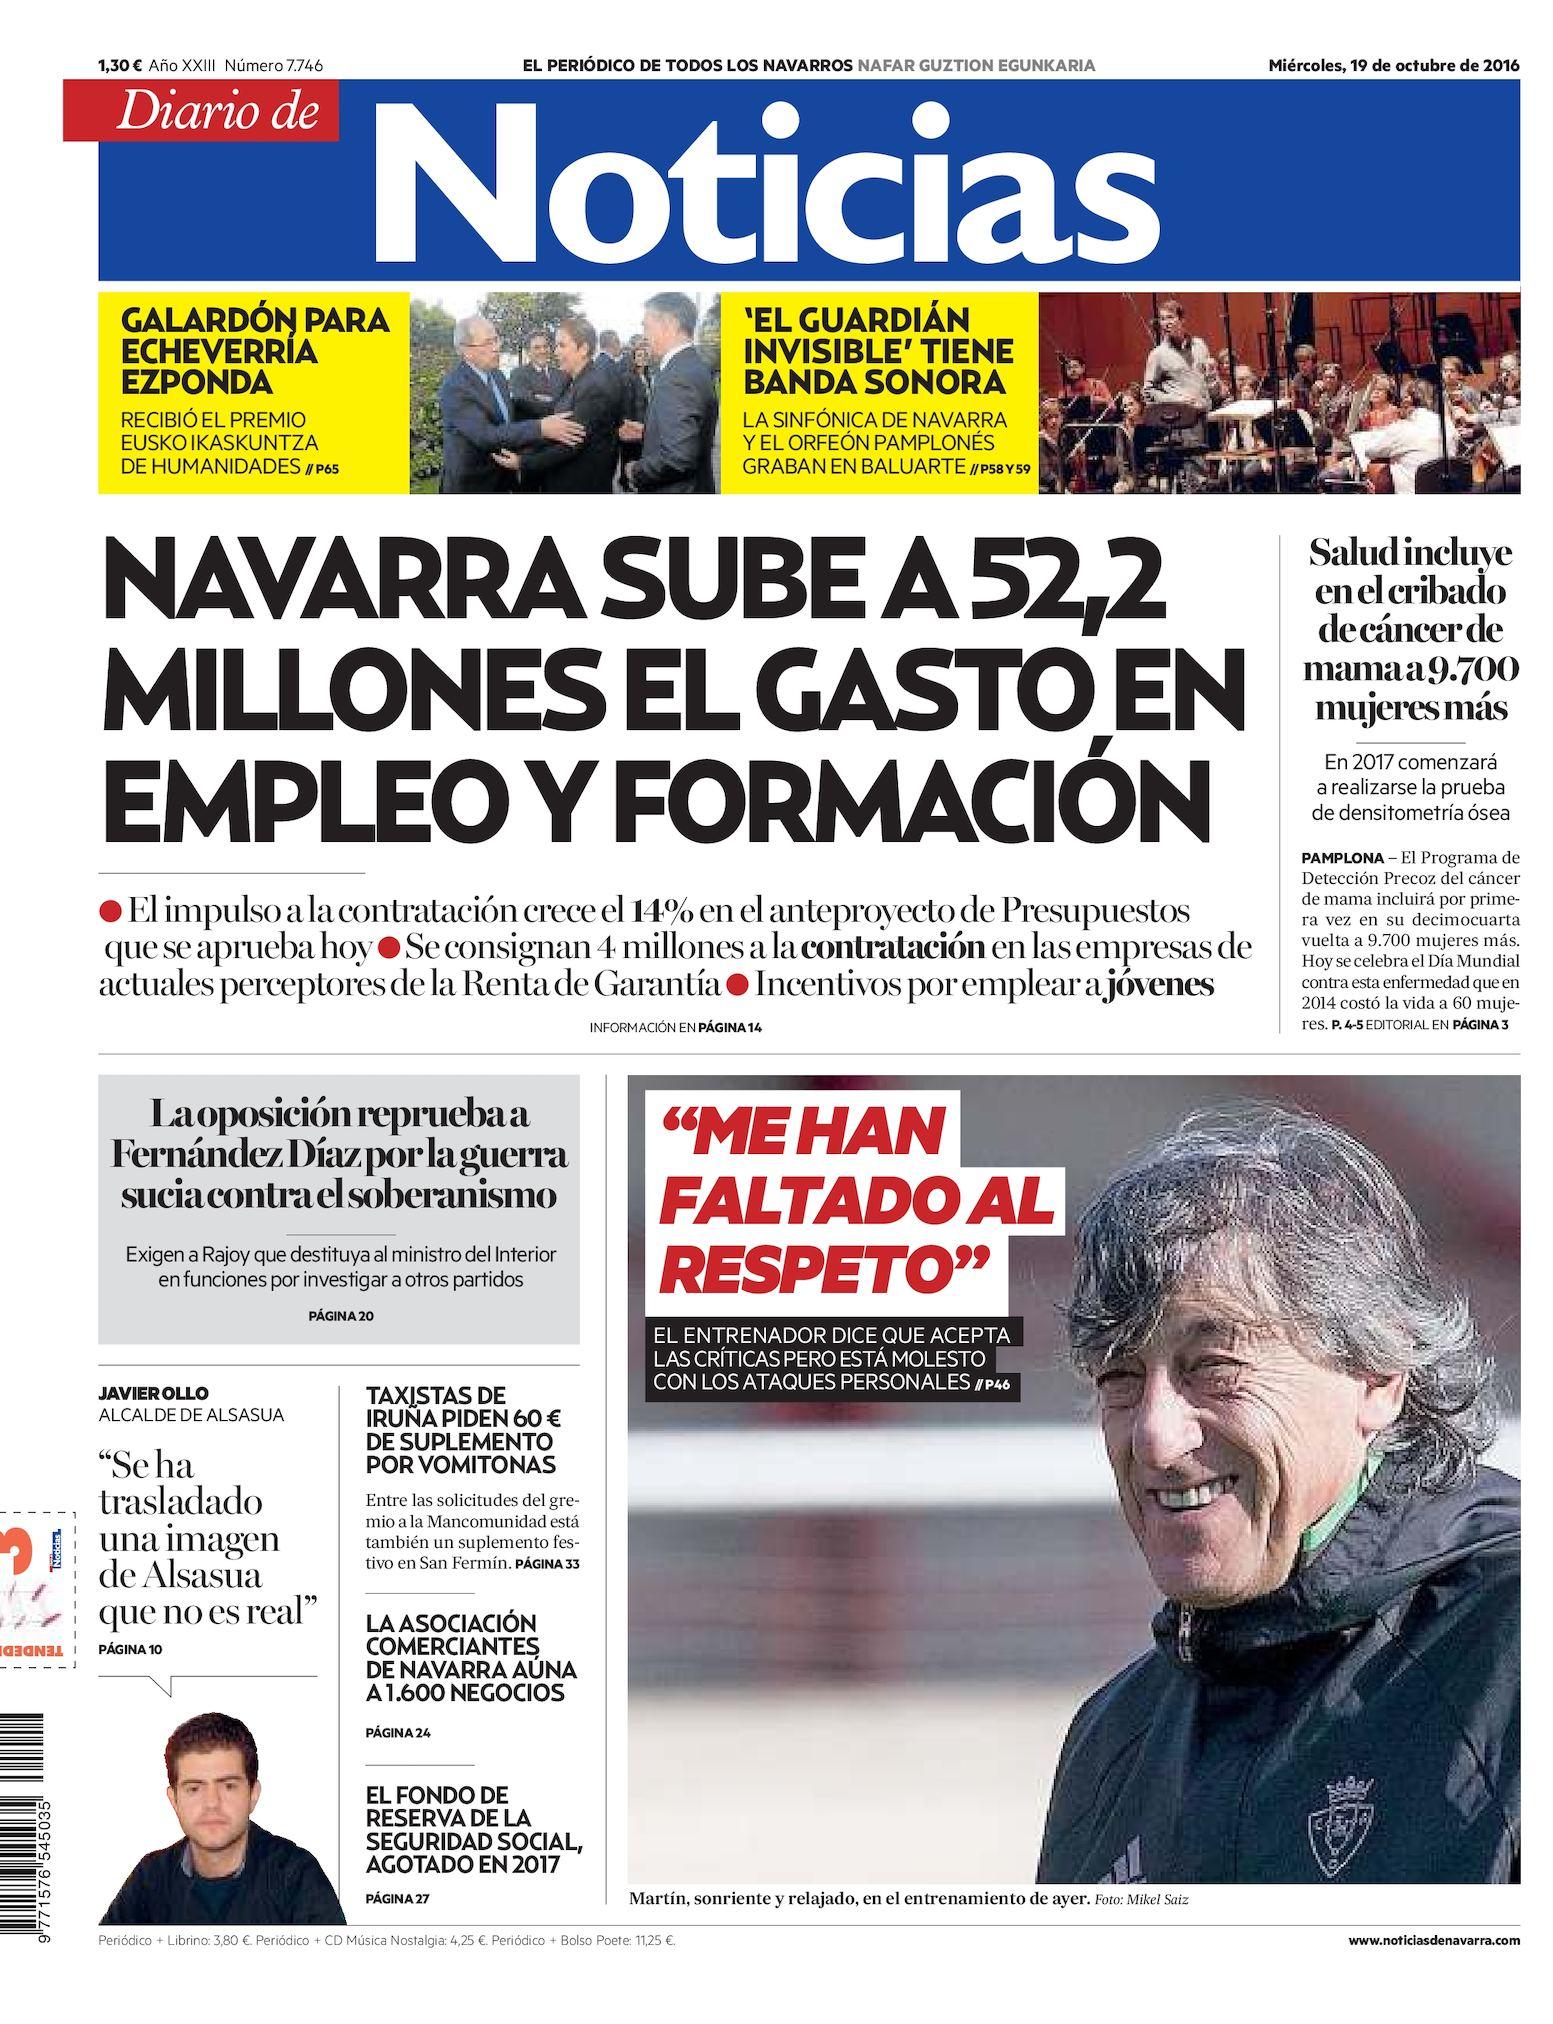 Calaméo - Diario de Noticias 20161019 9ed84a40c80